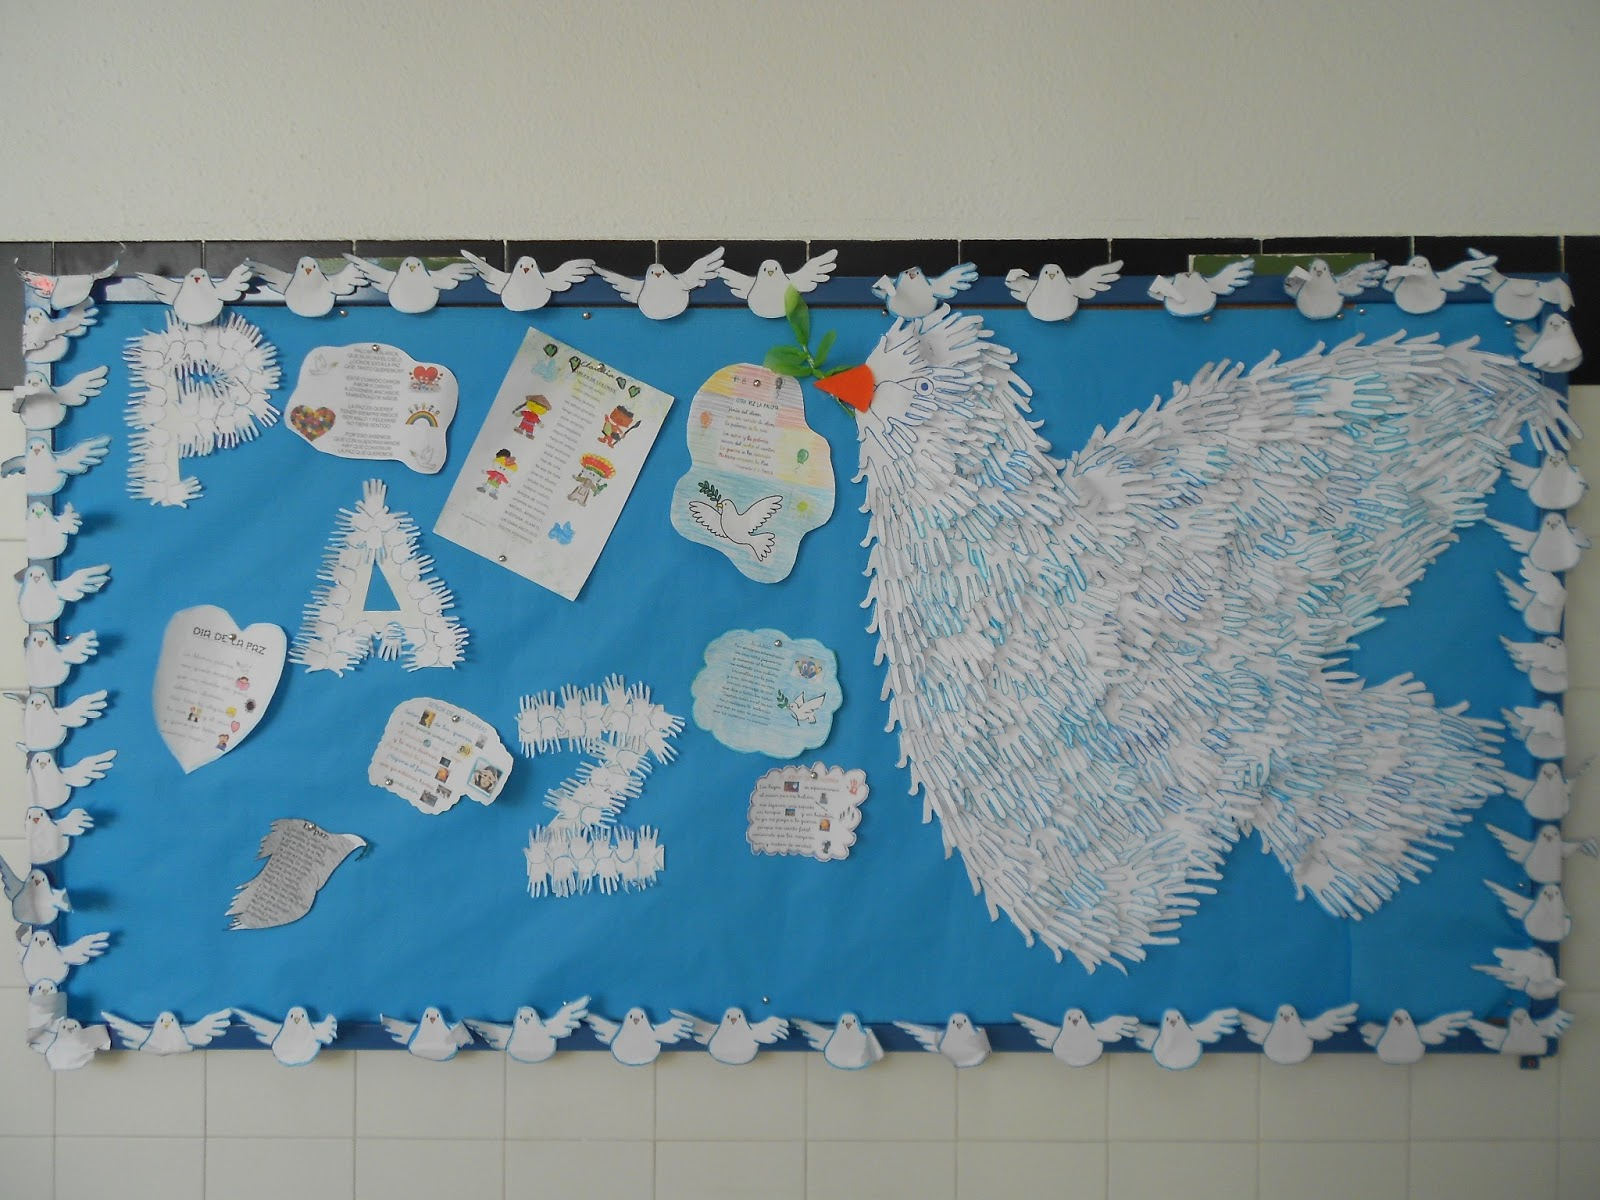 Rincón De Infantil Día De La Paz: El Rincón De Raquelita: Día De La Paz